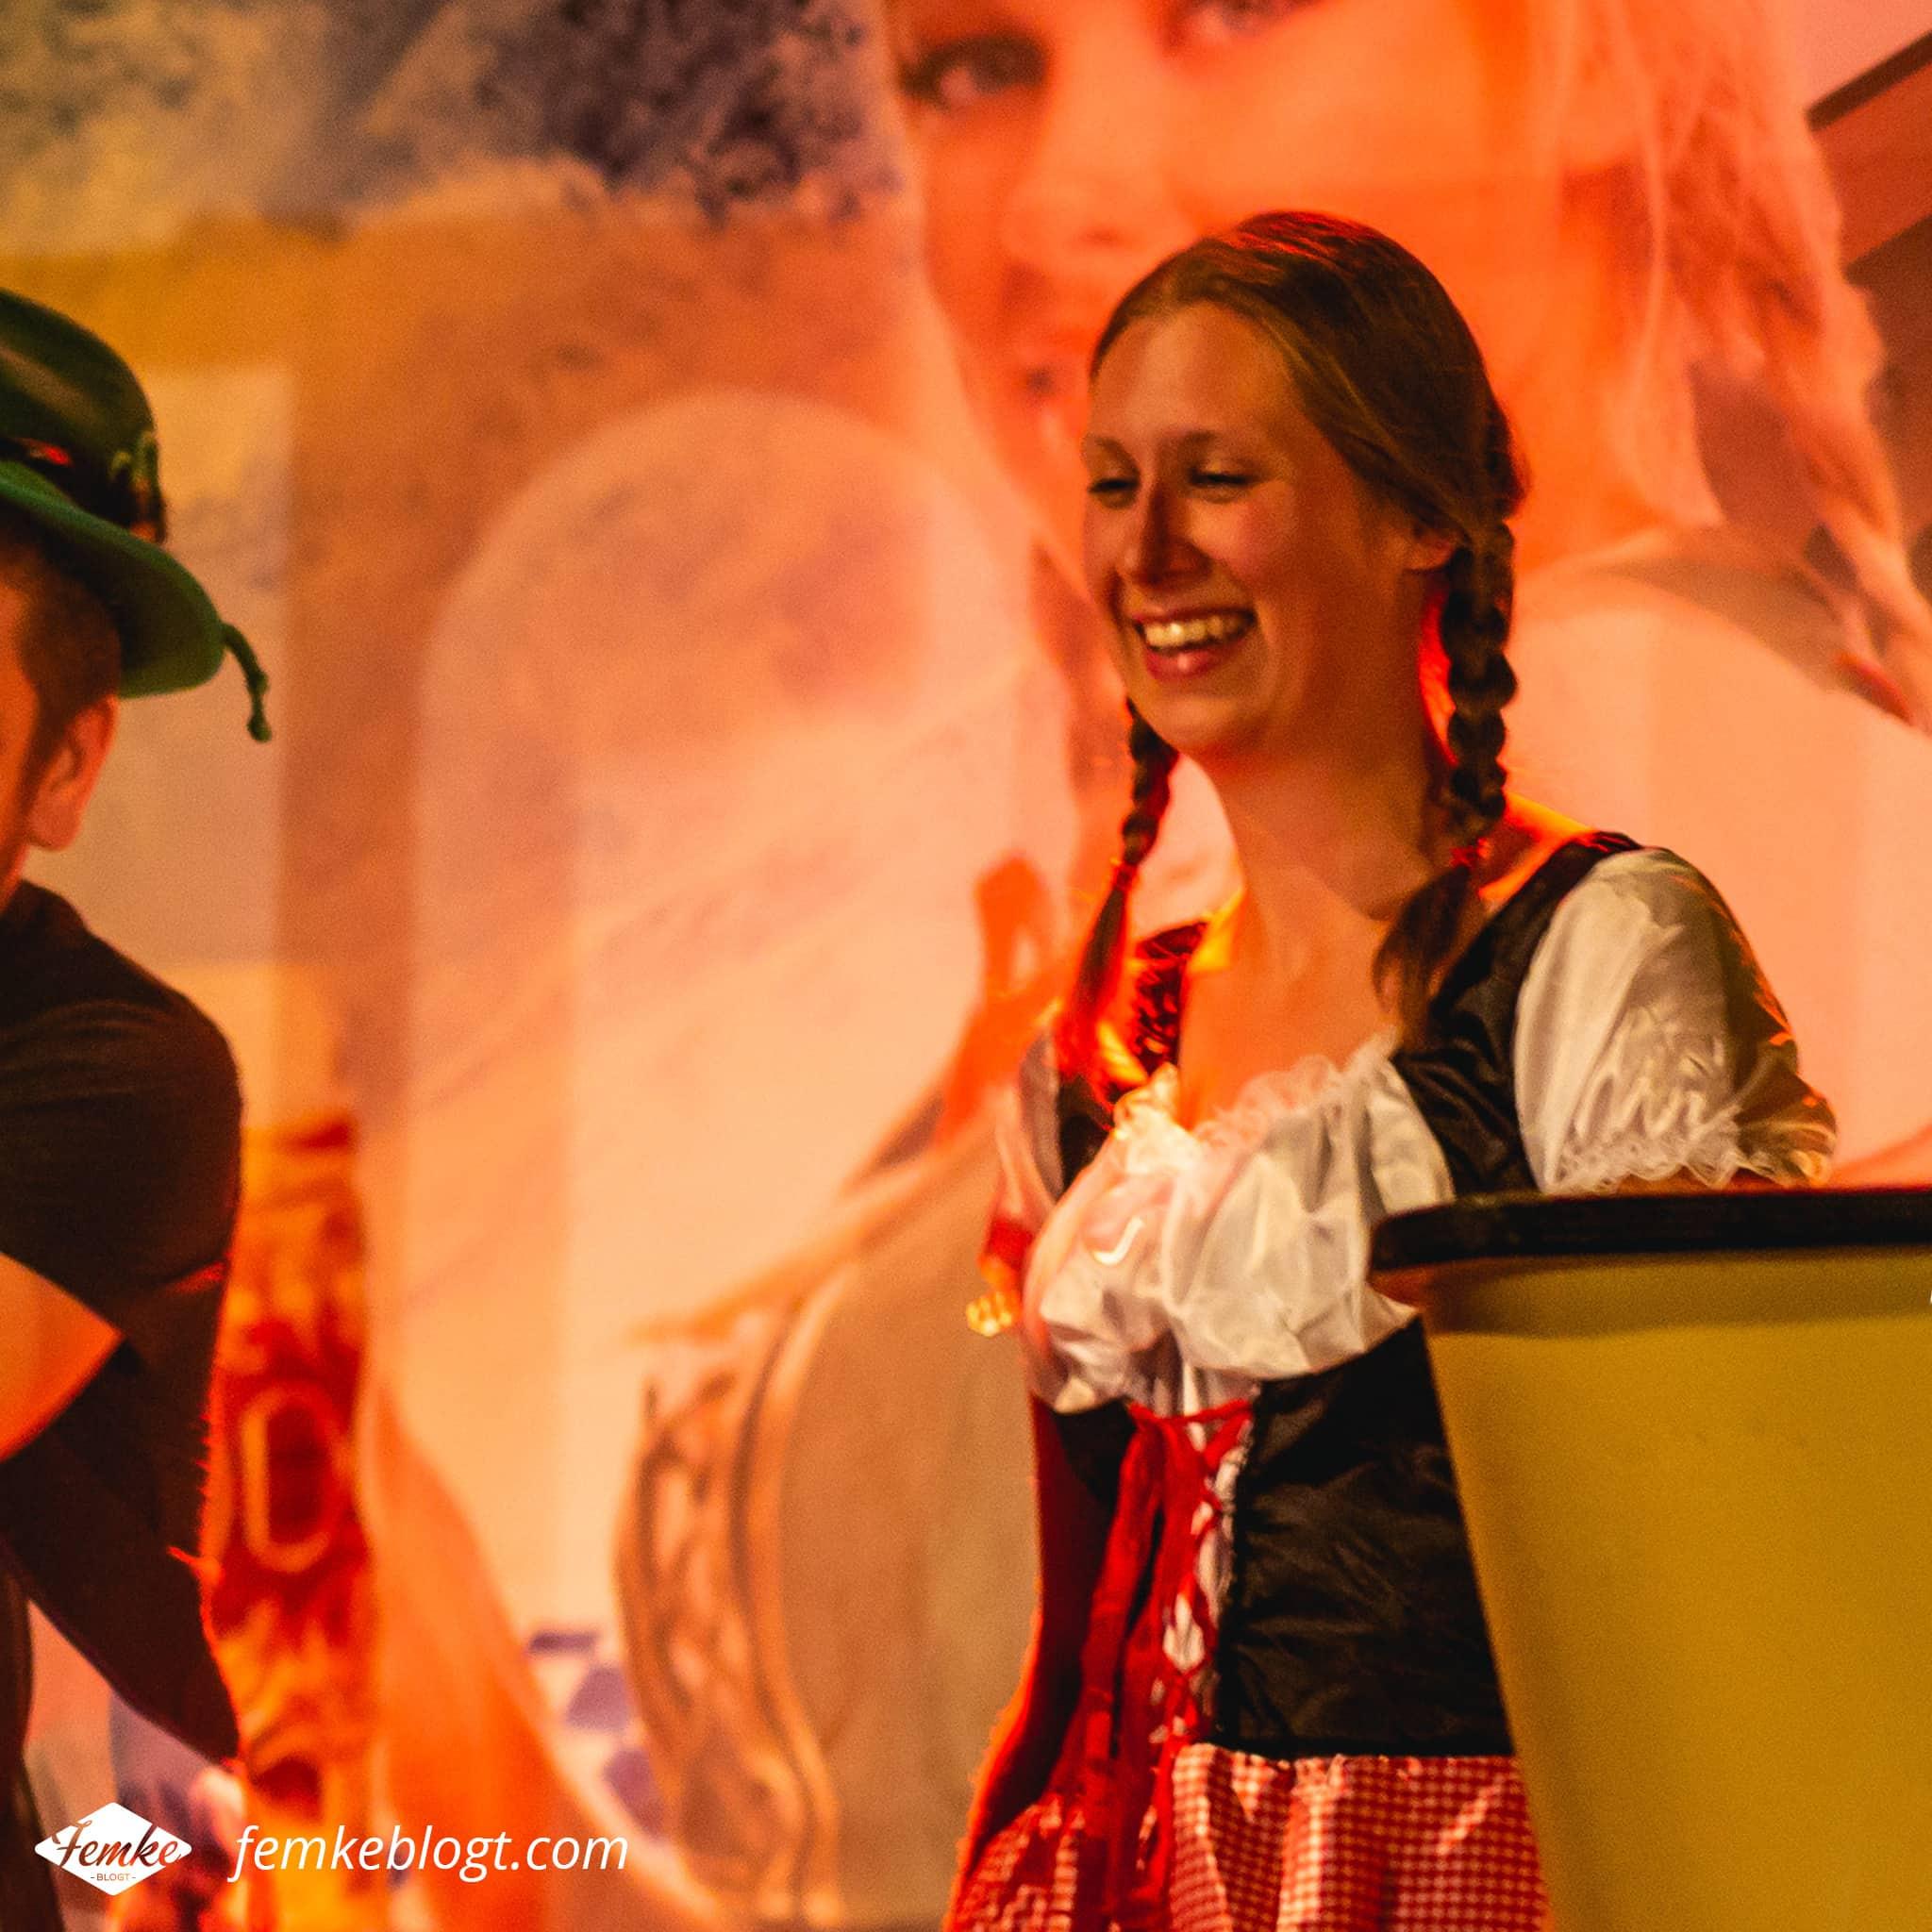 Maandoverzicht juni | Tirolerfest